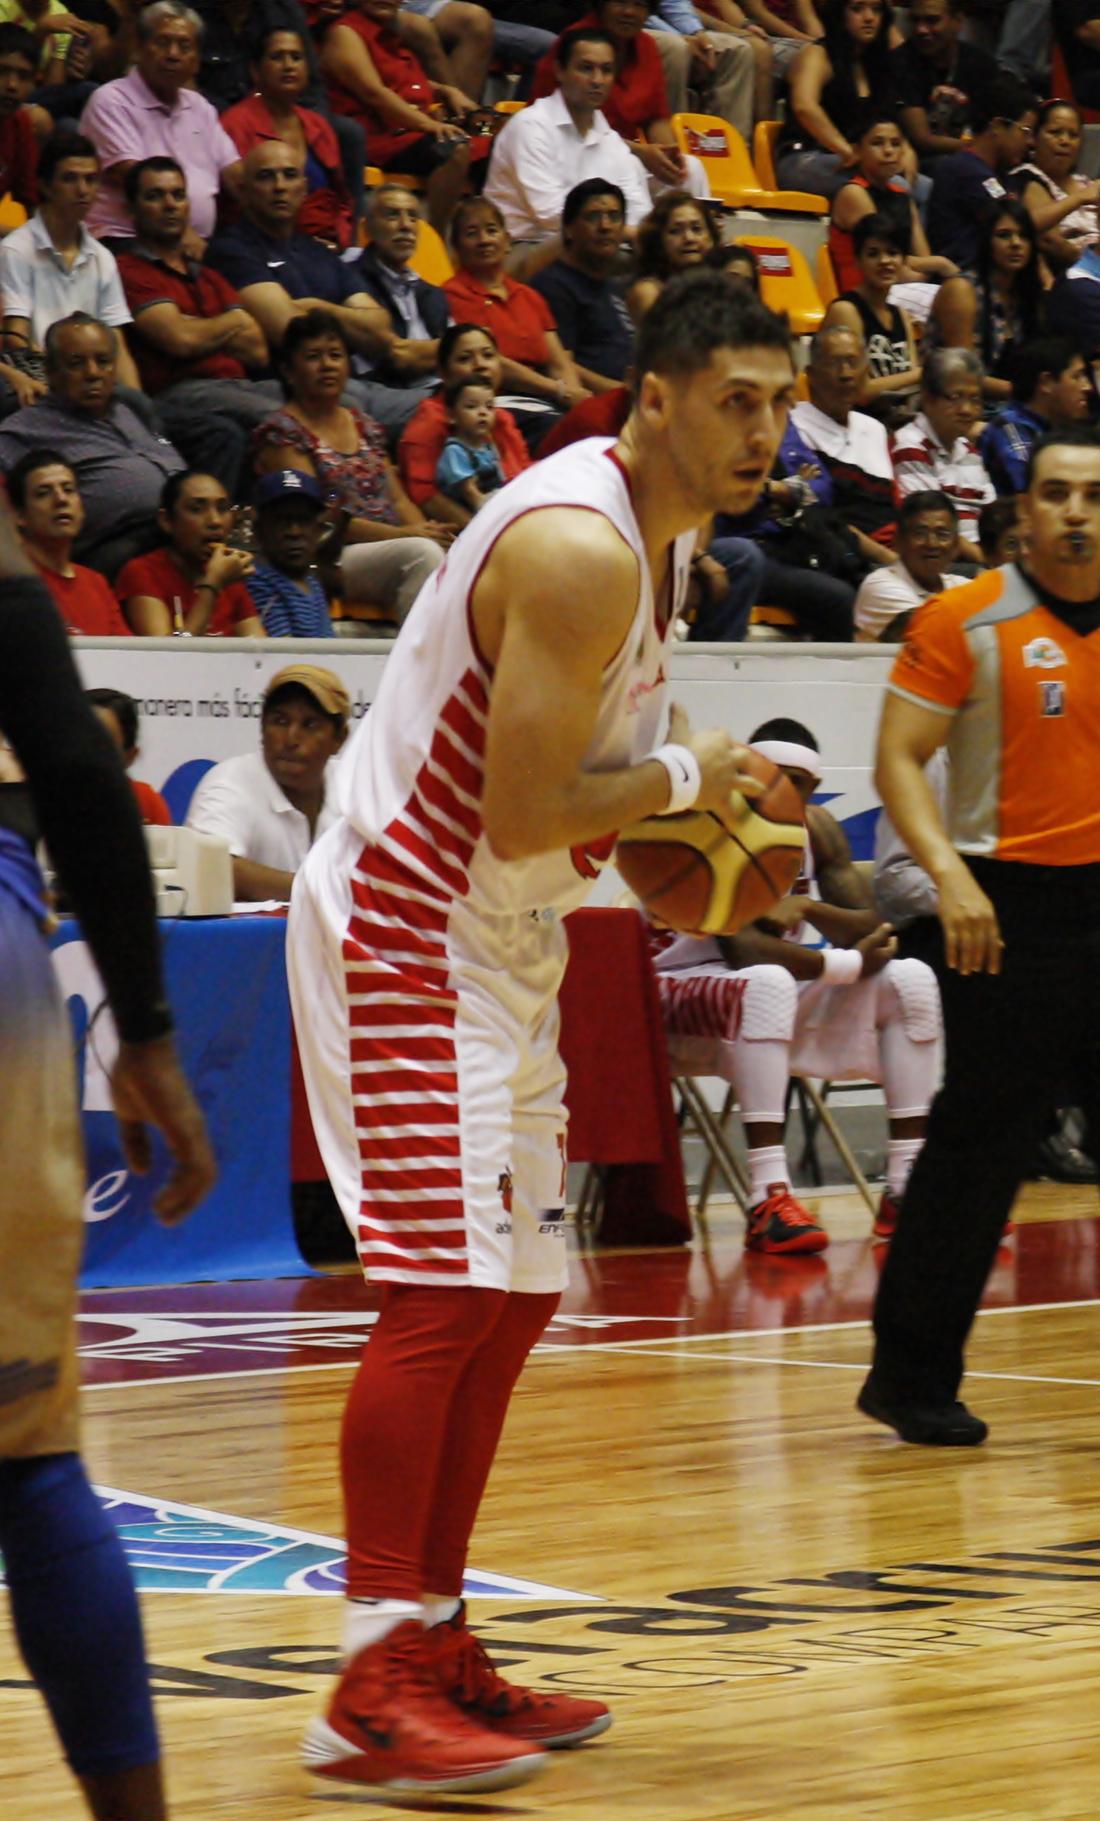 HALCONES ROJOS VS HURACANES en viva basquet